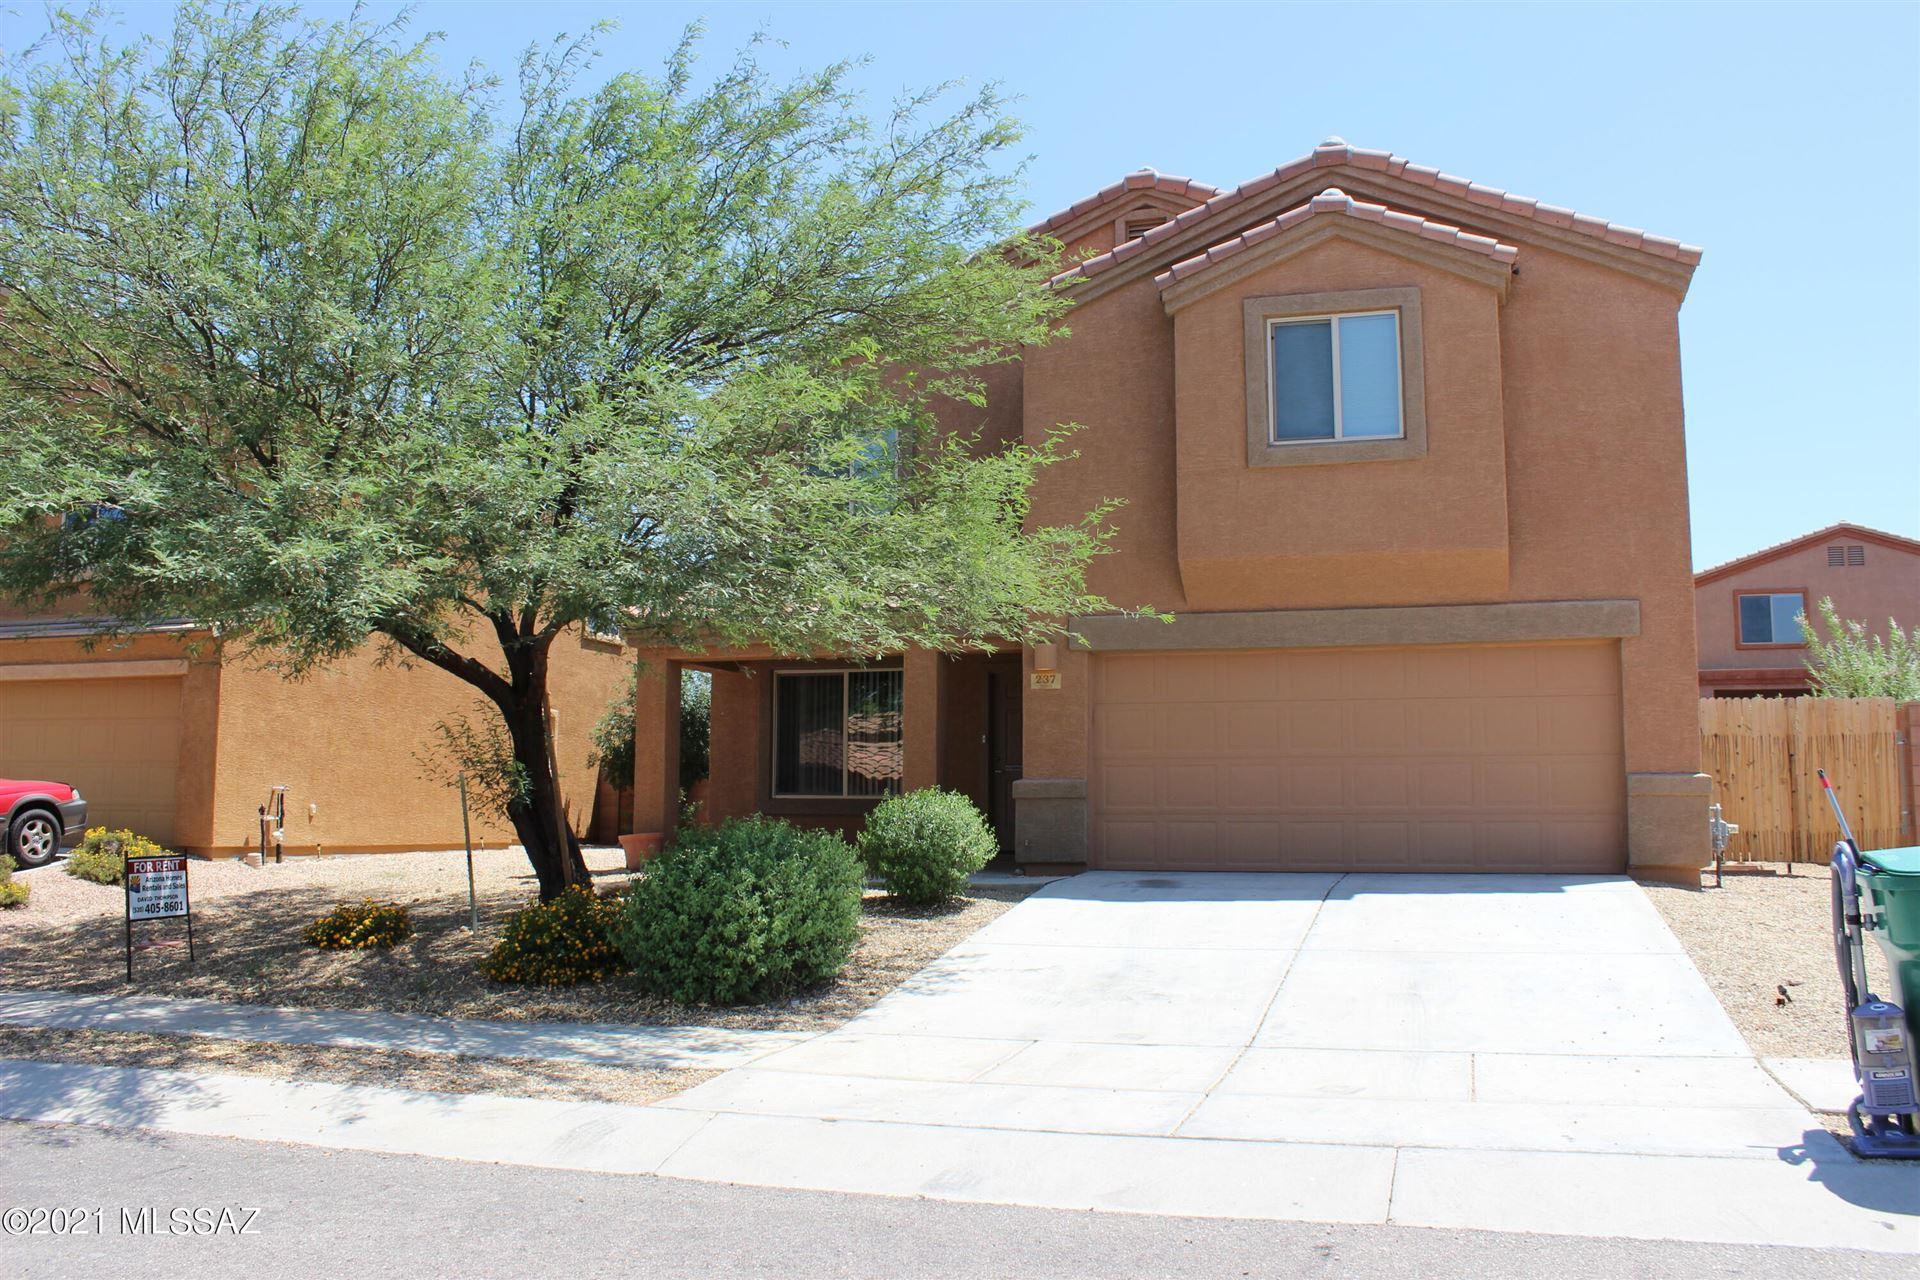 237 S Jaffee Drive, Vail, AZ 85641 - MLS#: 22125280